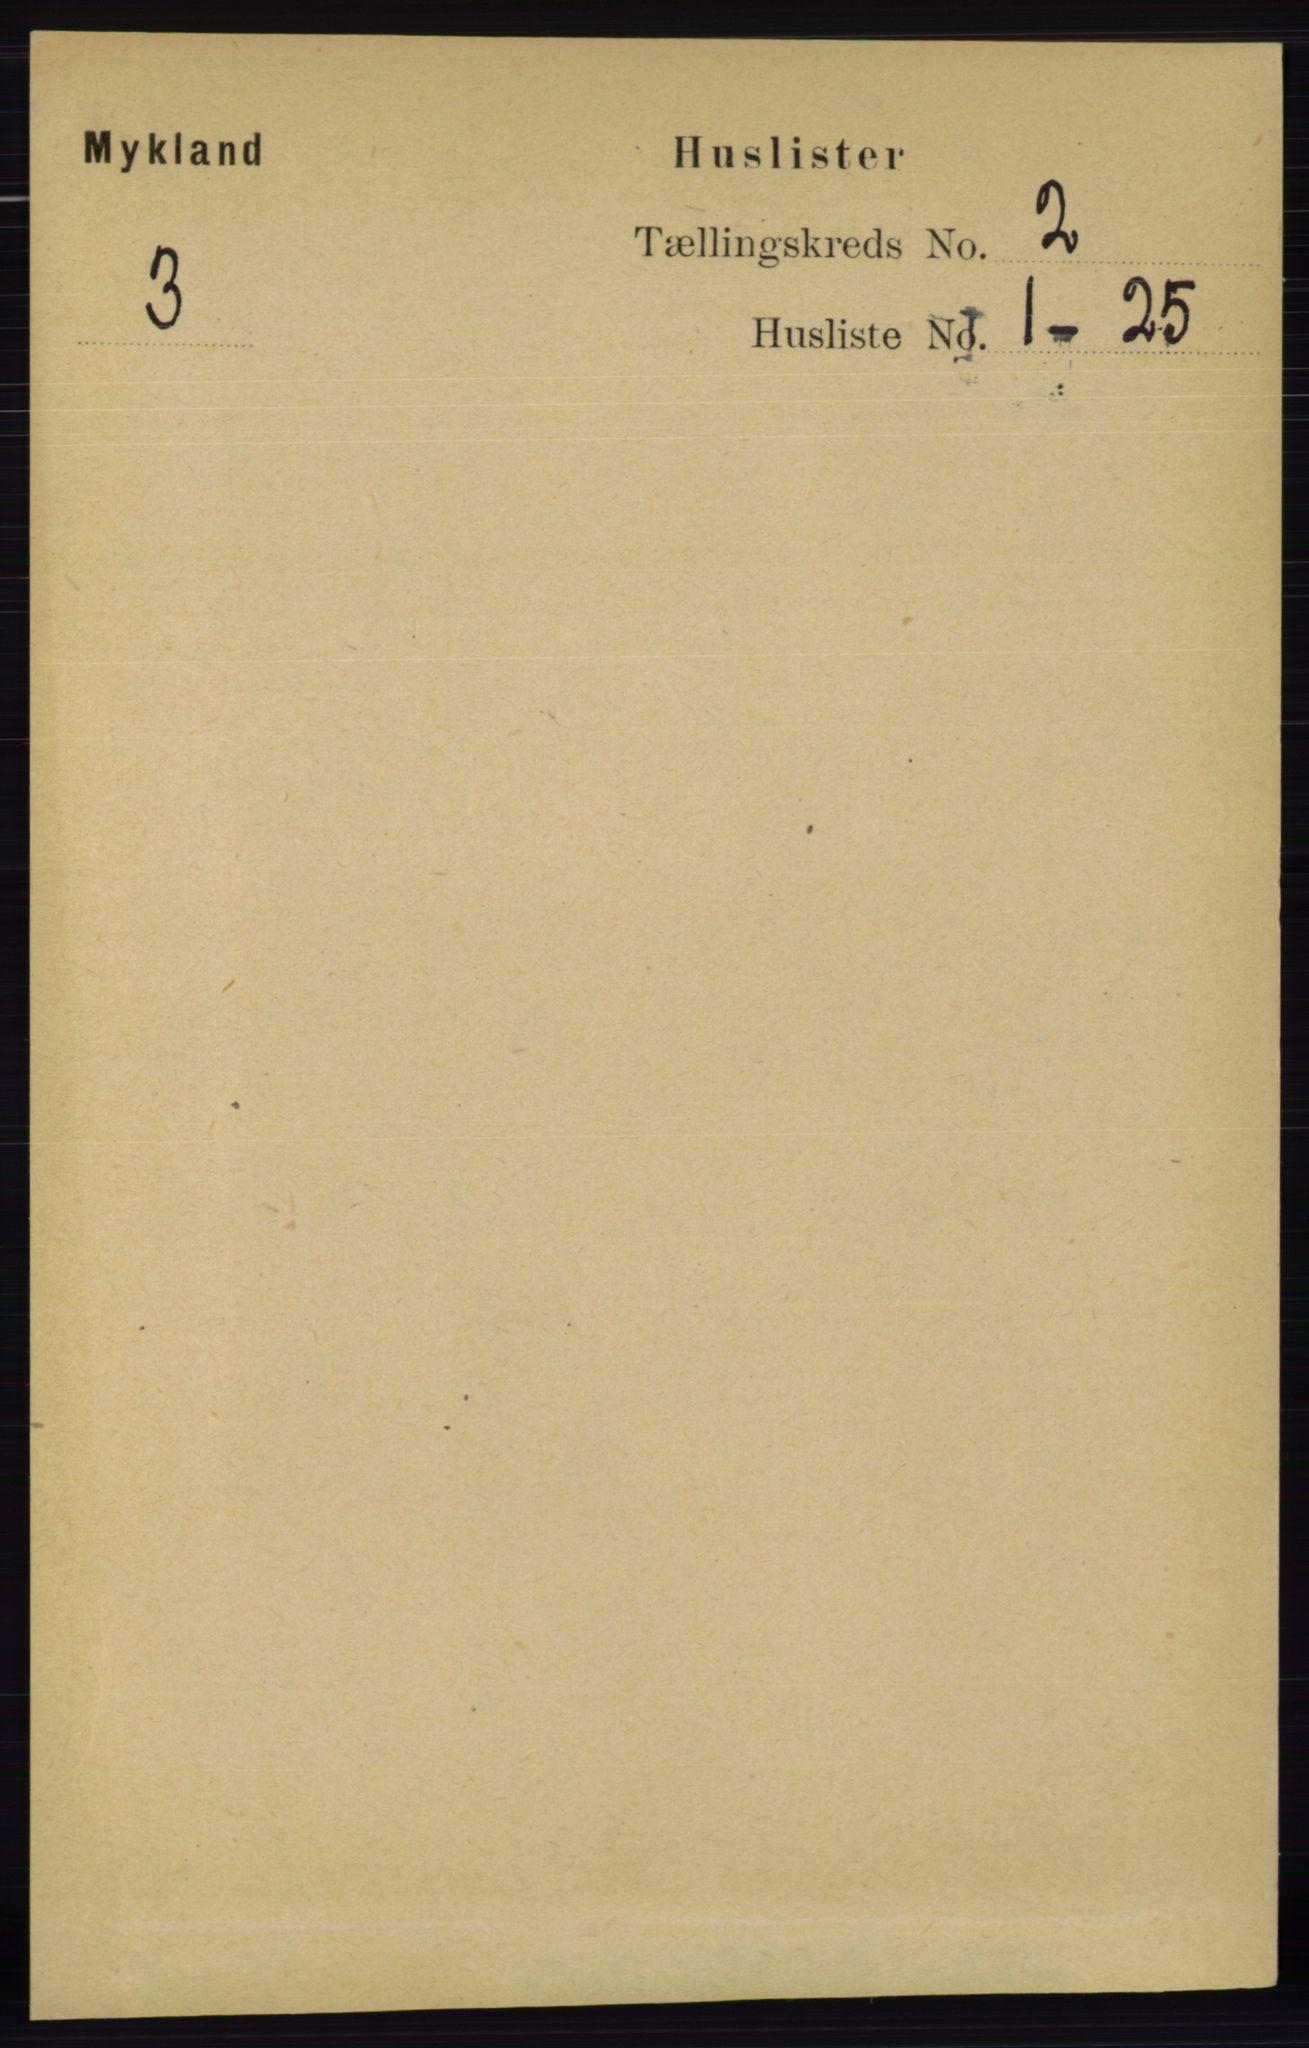 RA, Folketelling 1891 for 0932 Mykland herred, 1891, s. 275